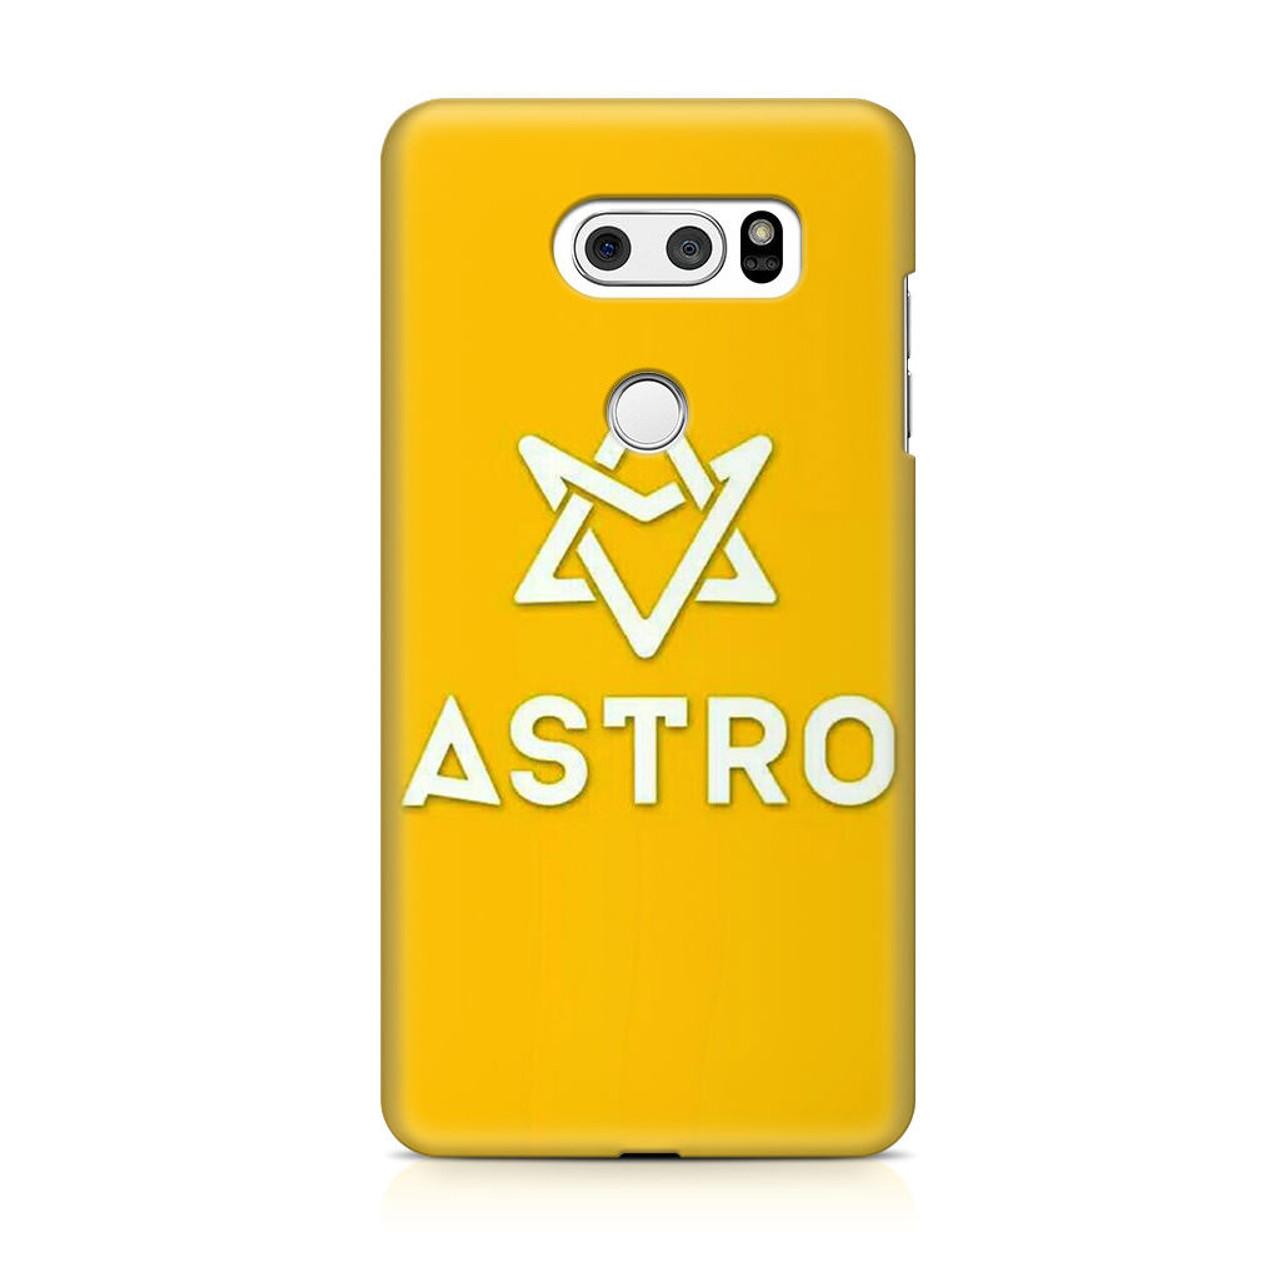 huge discount 29c54 d2c37 Astro KPop LG V30 Case